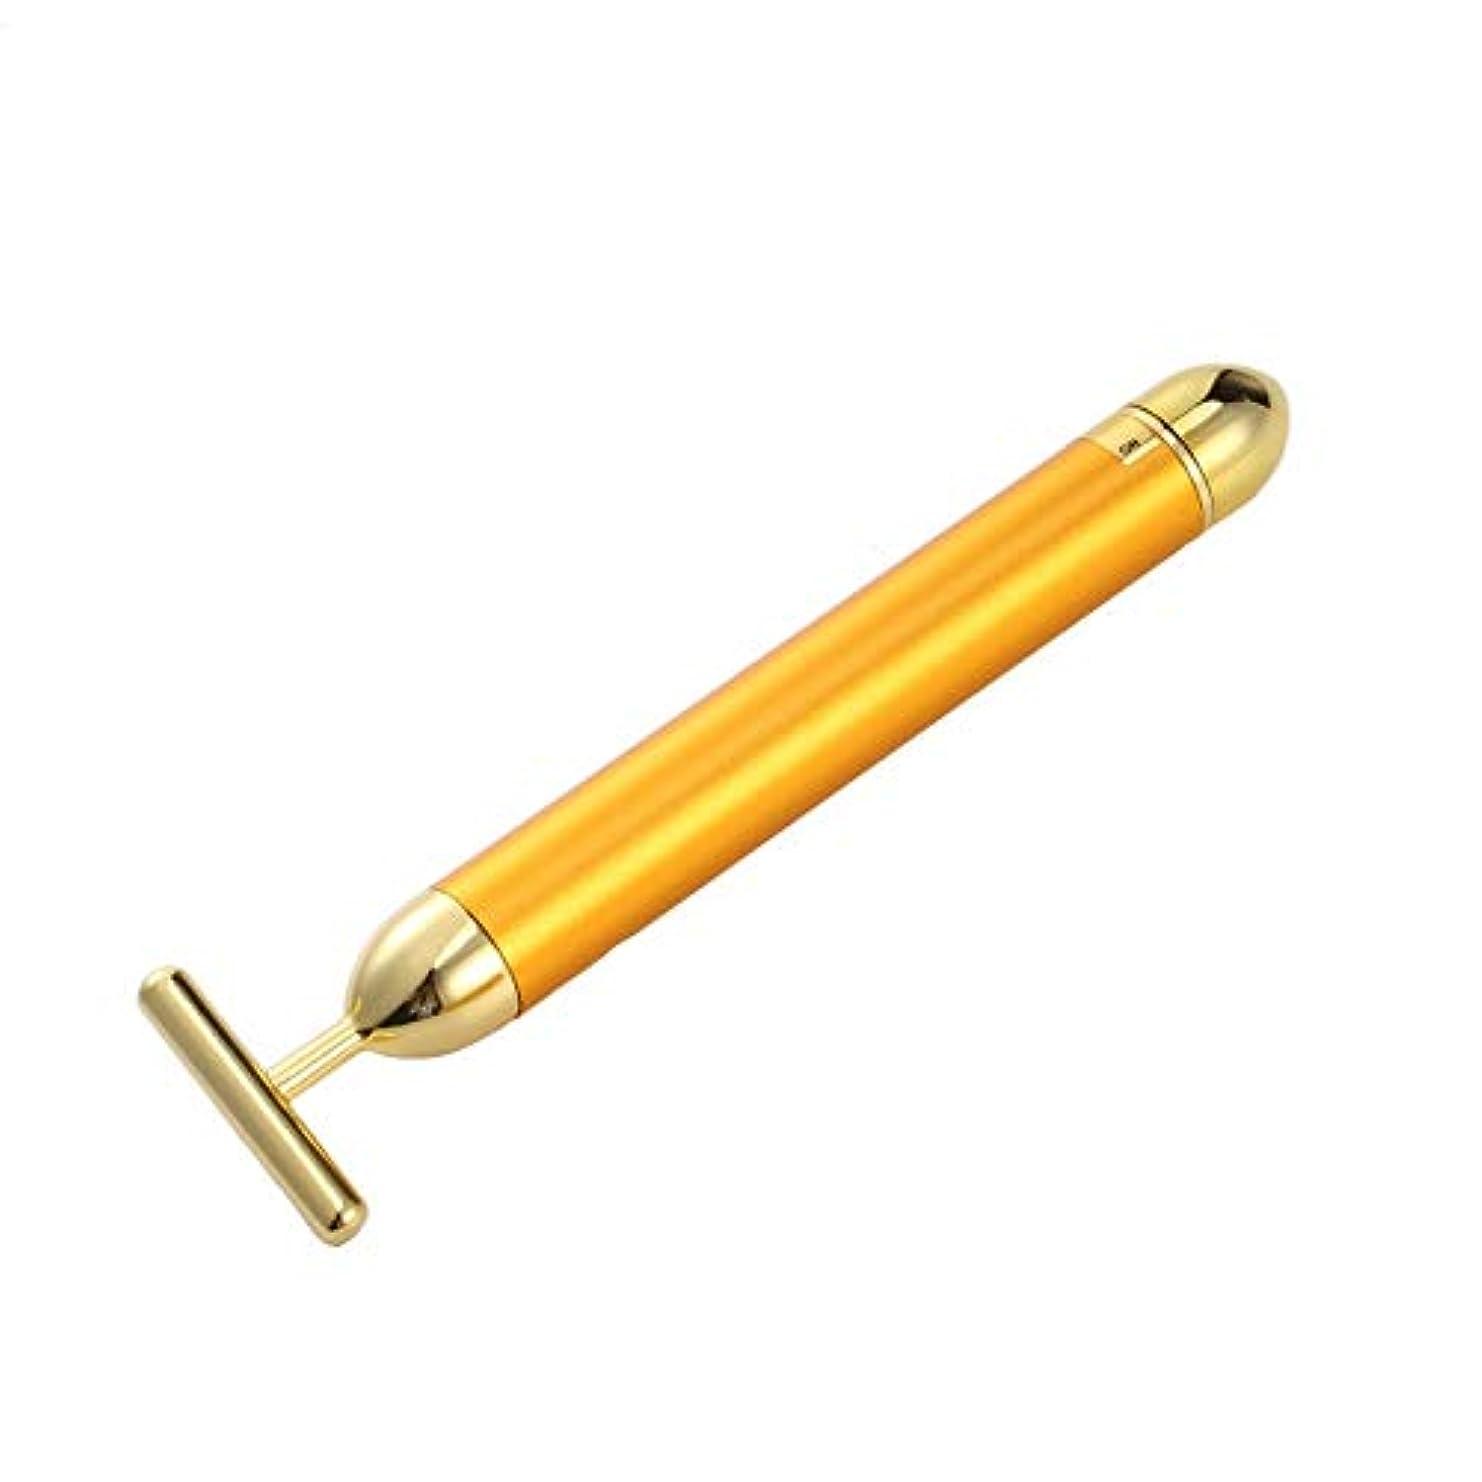 早熟自由人に関する限りHello 金の延べ棒24K電気金の美の薄い顔棒家庭用振動T型の表面の器械の美の器械 (Color : Golden)